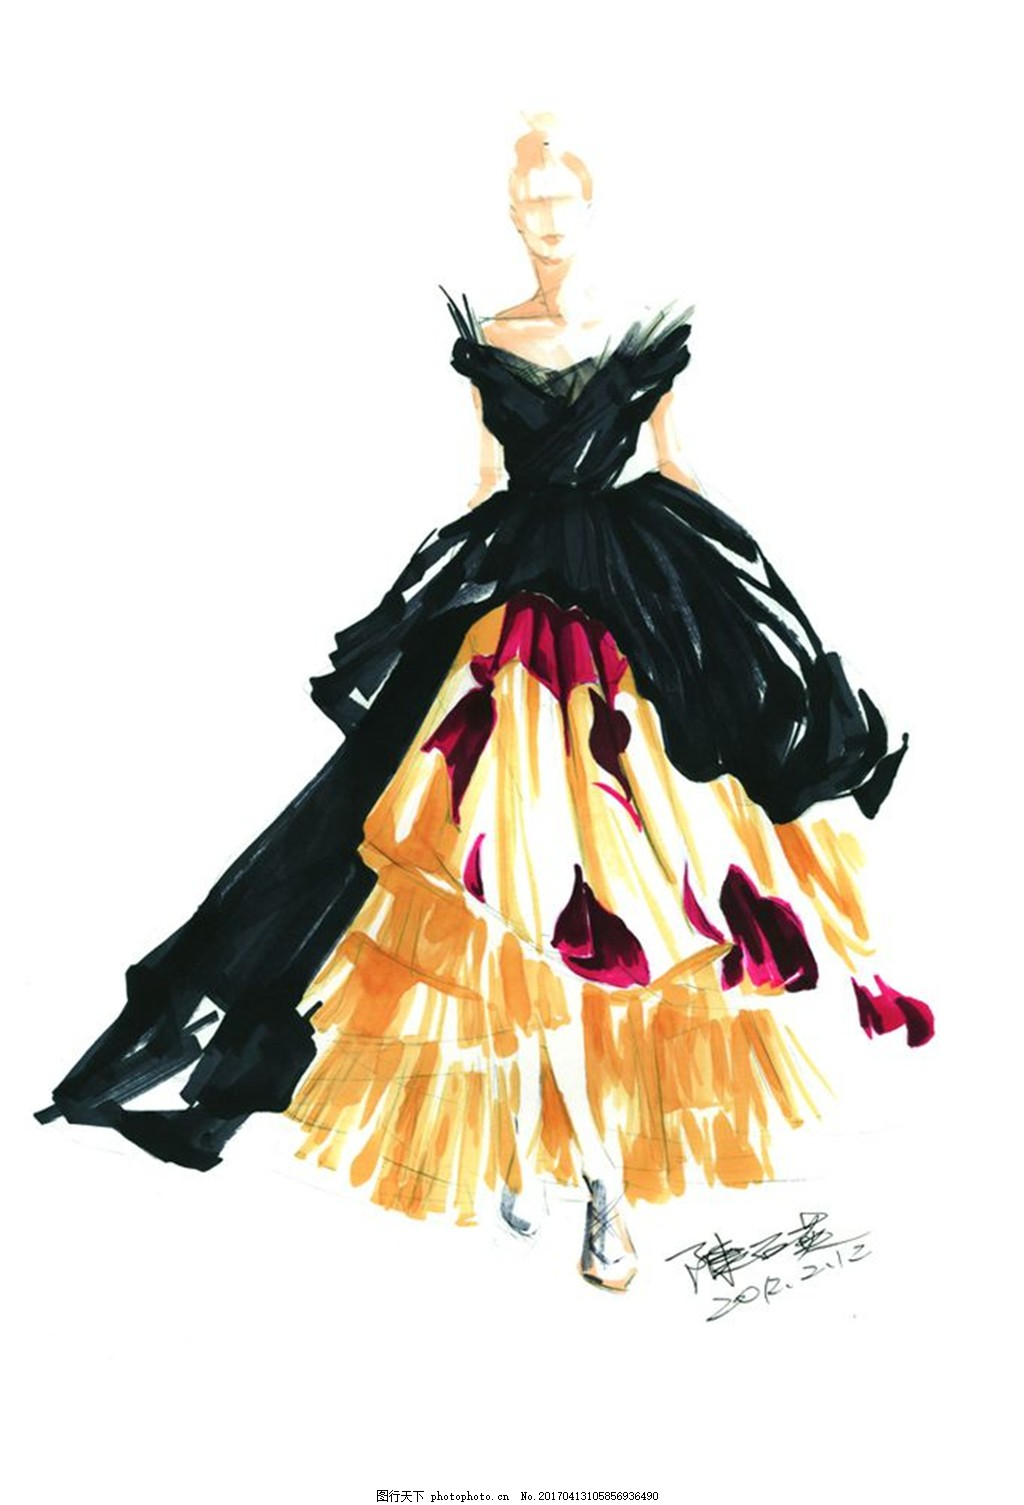 时尚长裙设计手绘图 服装设计 时尚女装 职业女装 职业装 女装设计